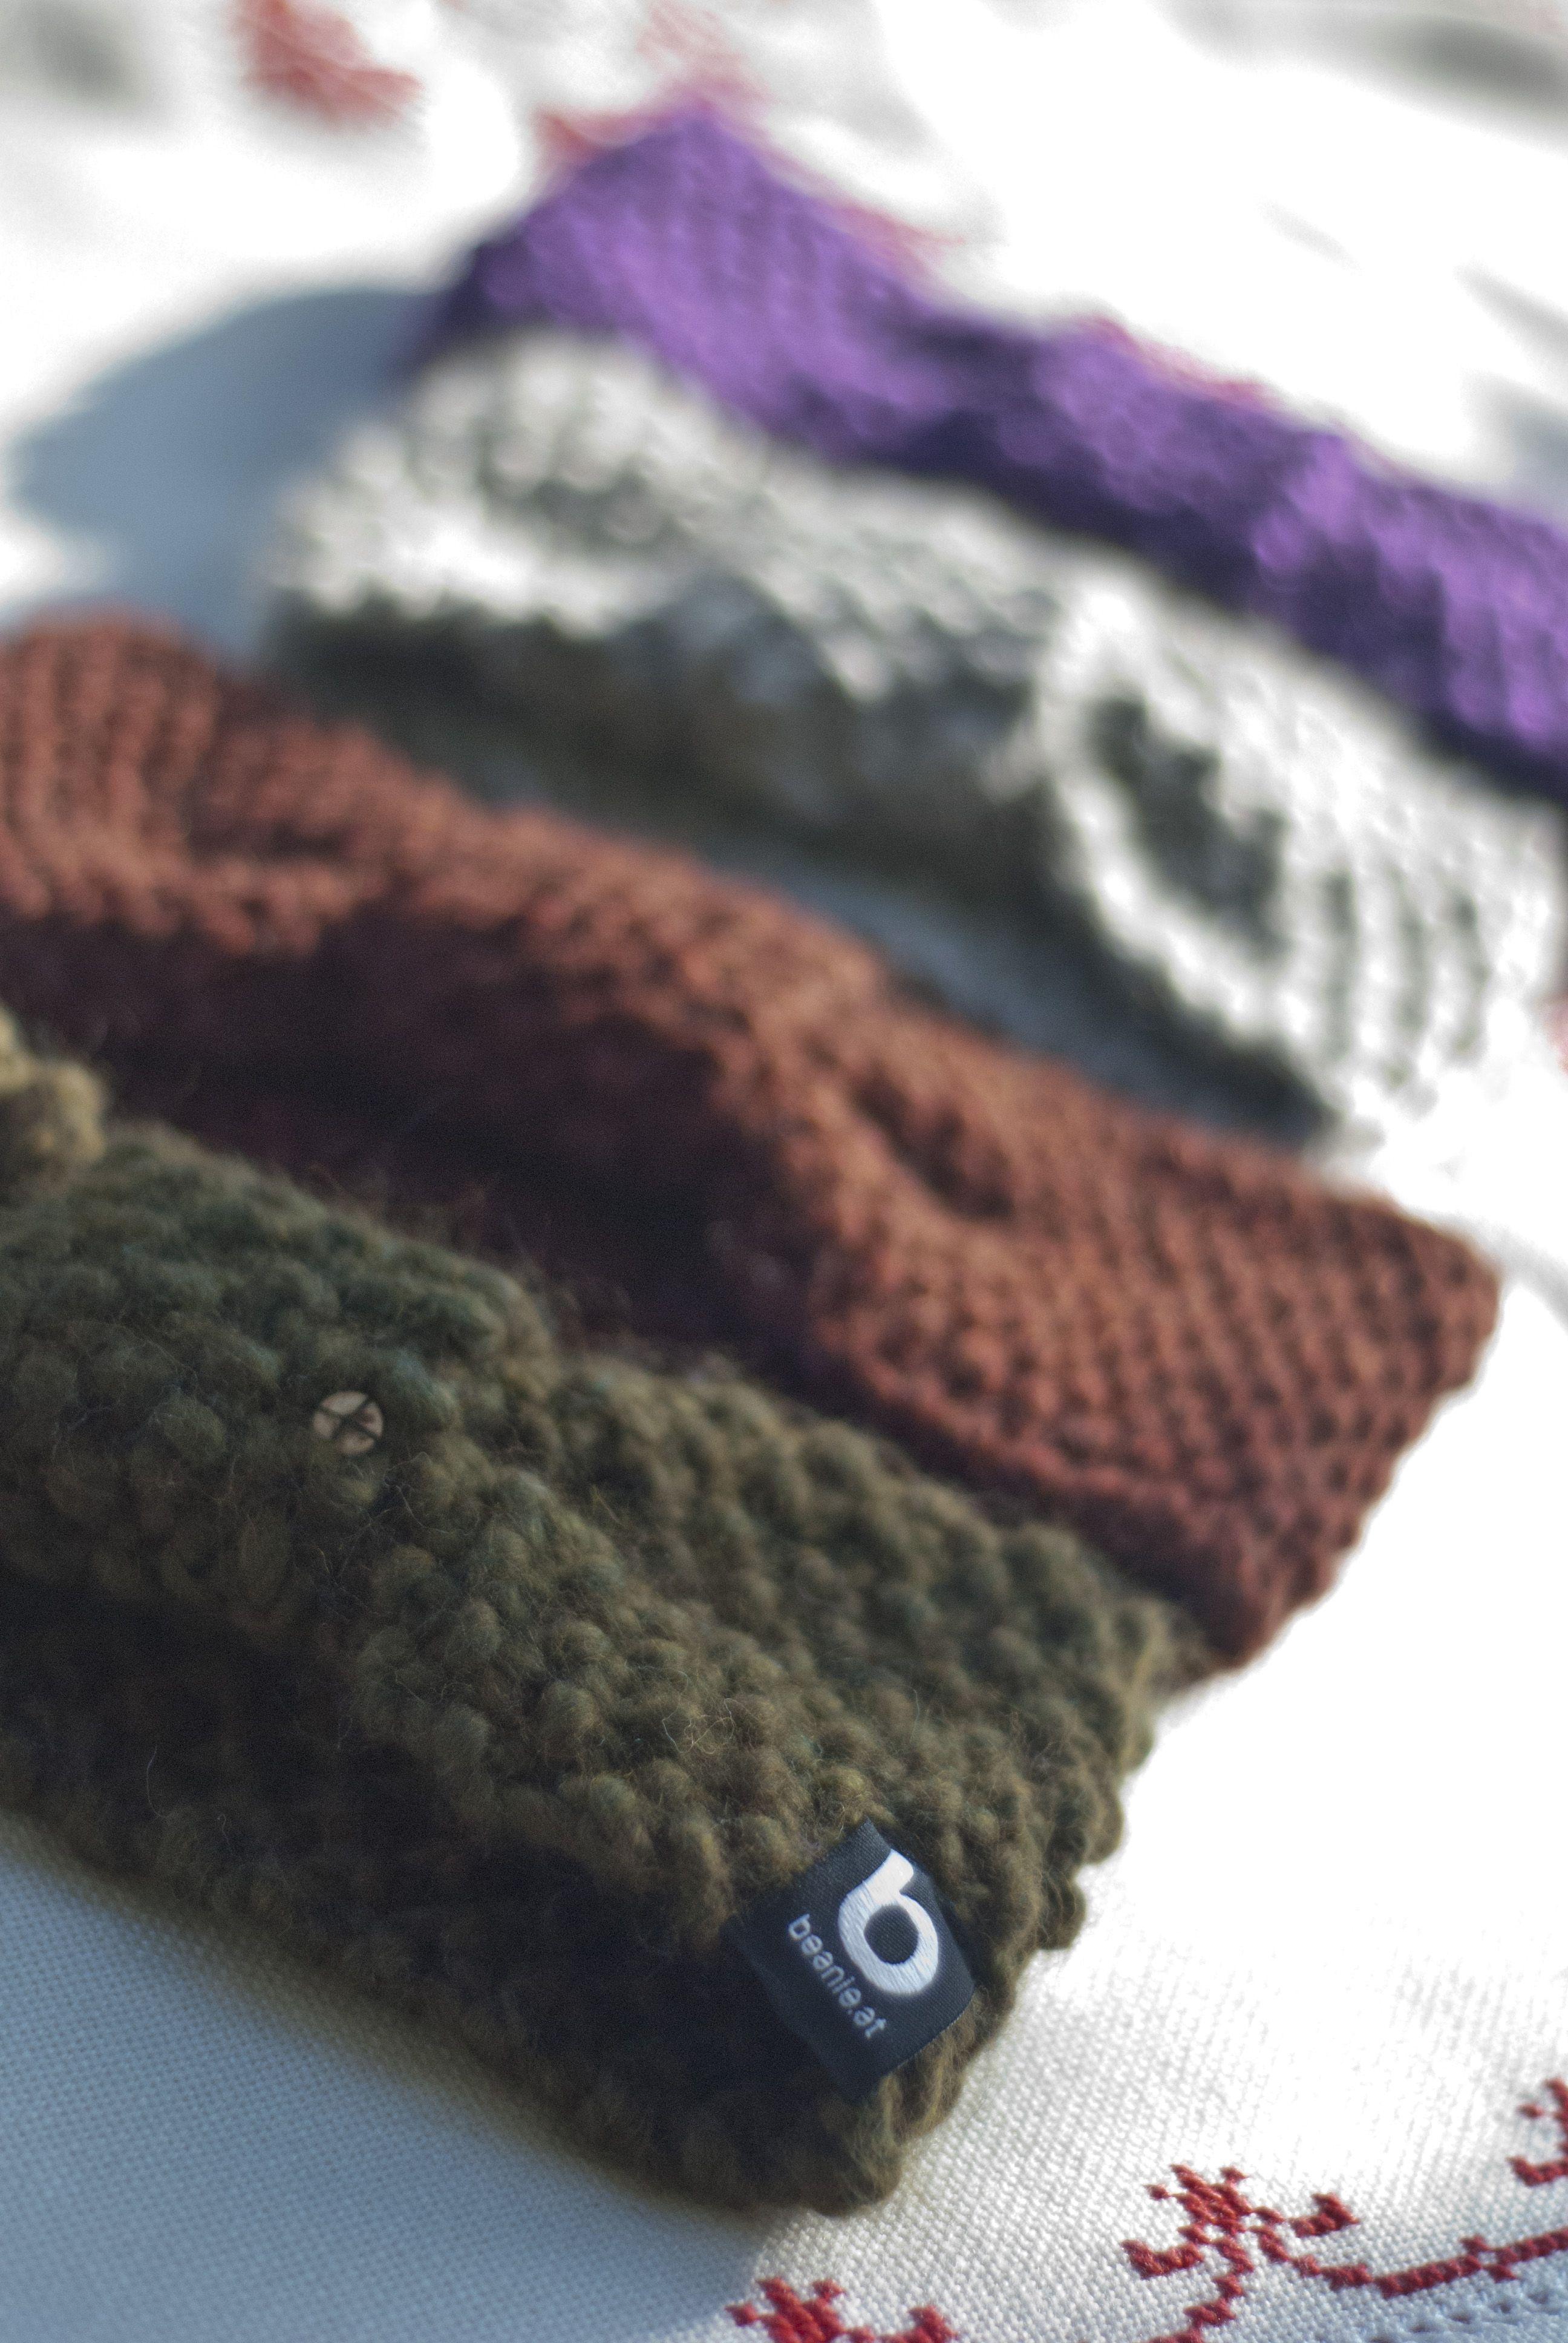 headband, 100% merino wool www.beanie.at #knit #heandband #merino